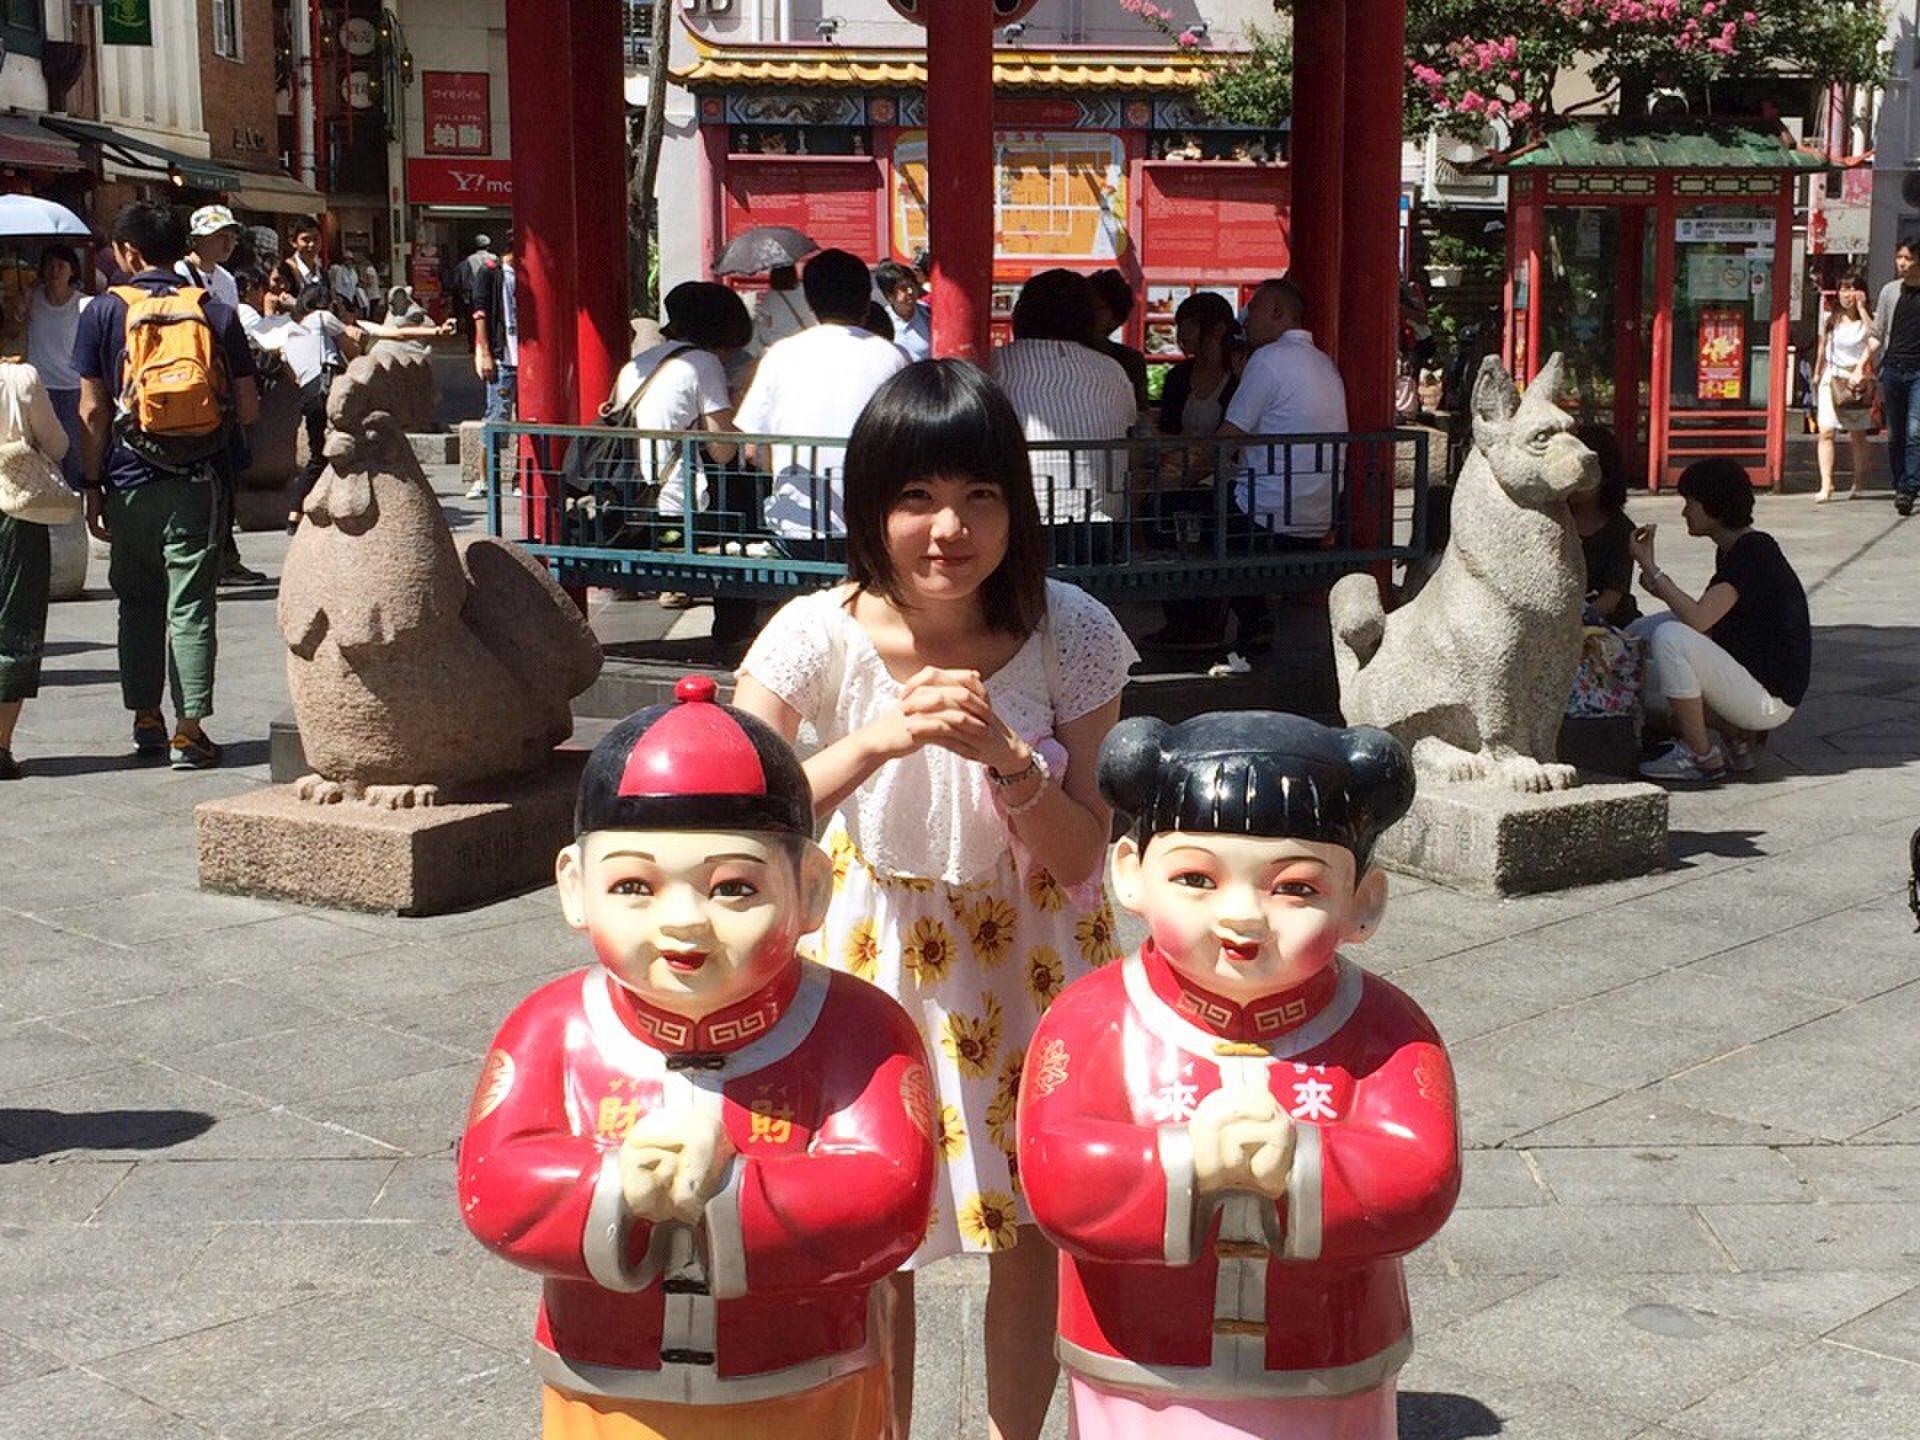 神戸の人気観光地・南京町で食べ歩きデート♡日本三大中華街でコスパ抜群の本格中華を満喫!